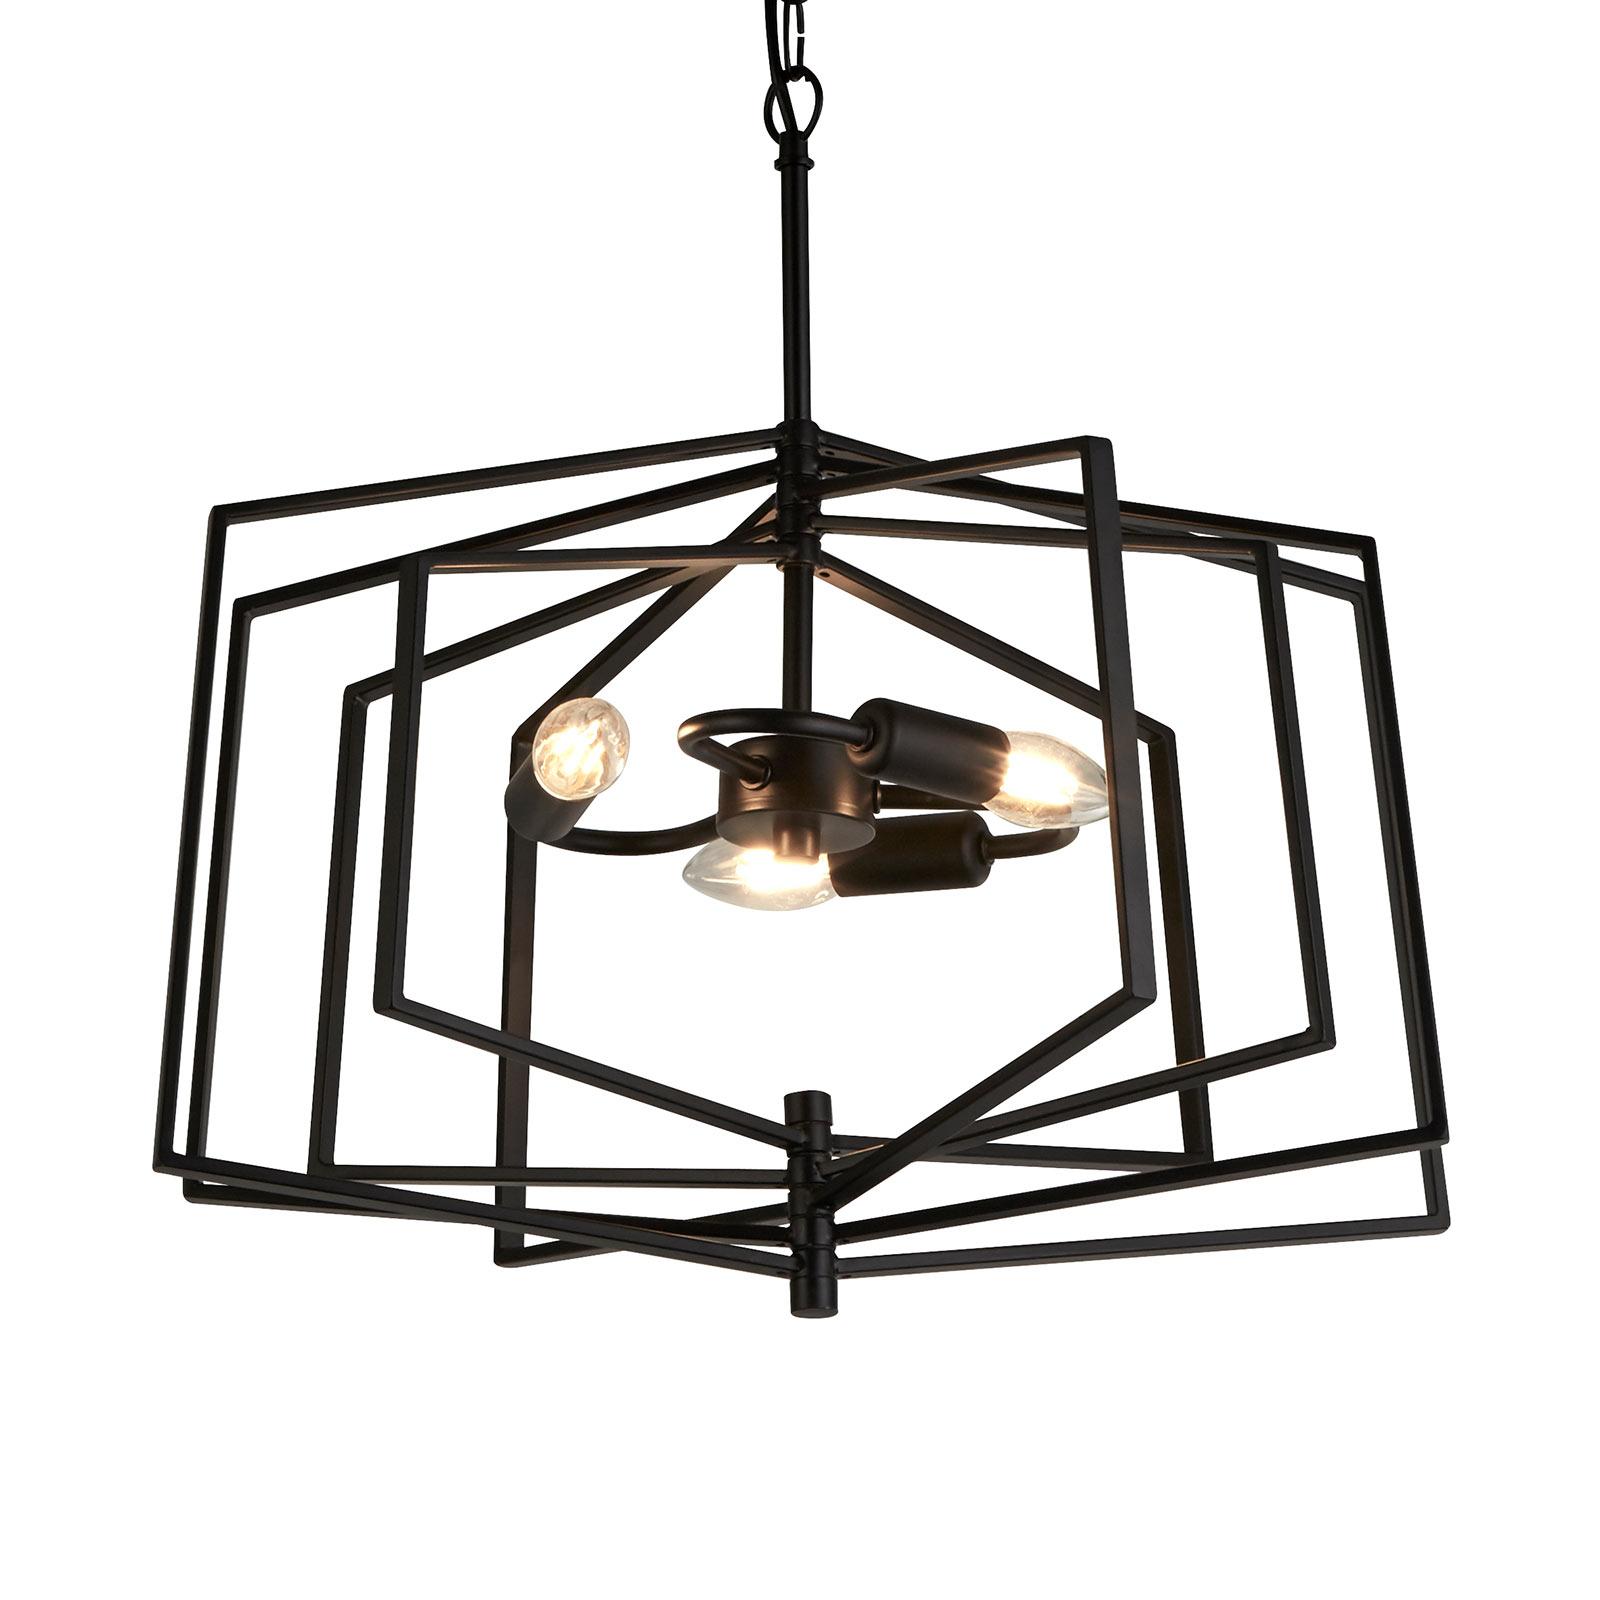 Lampa wisząca Slinky 3-punktowa Ø 50 cm